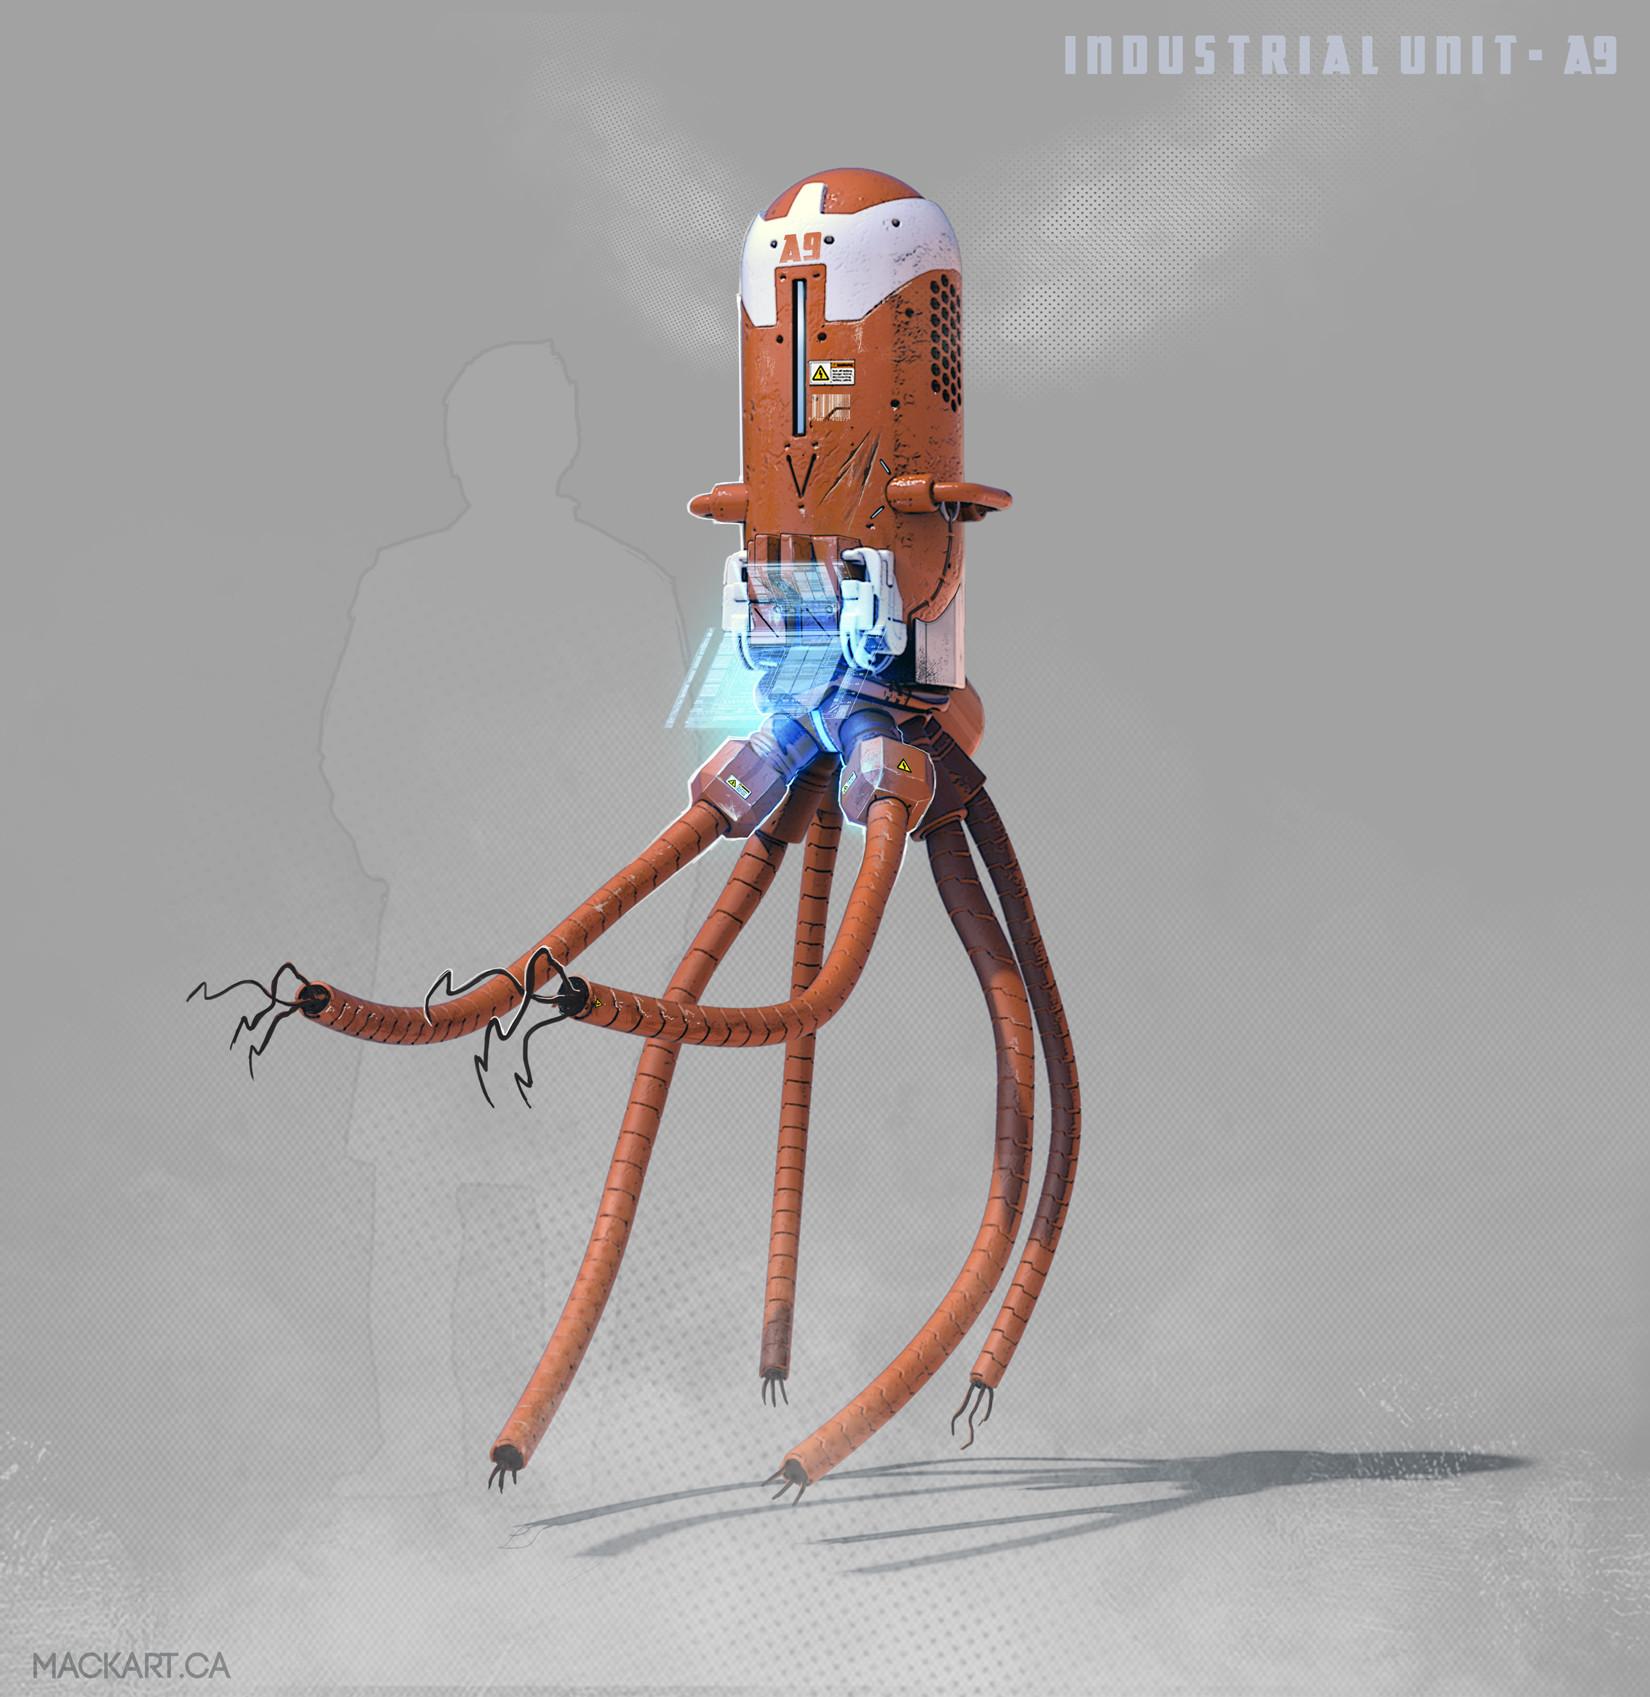 Mack sztaba industrial bot 2